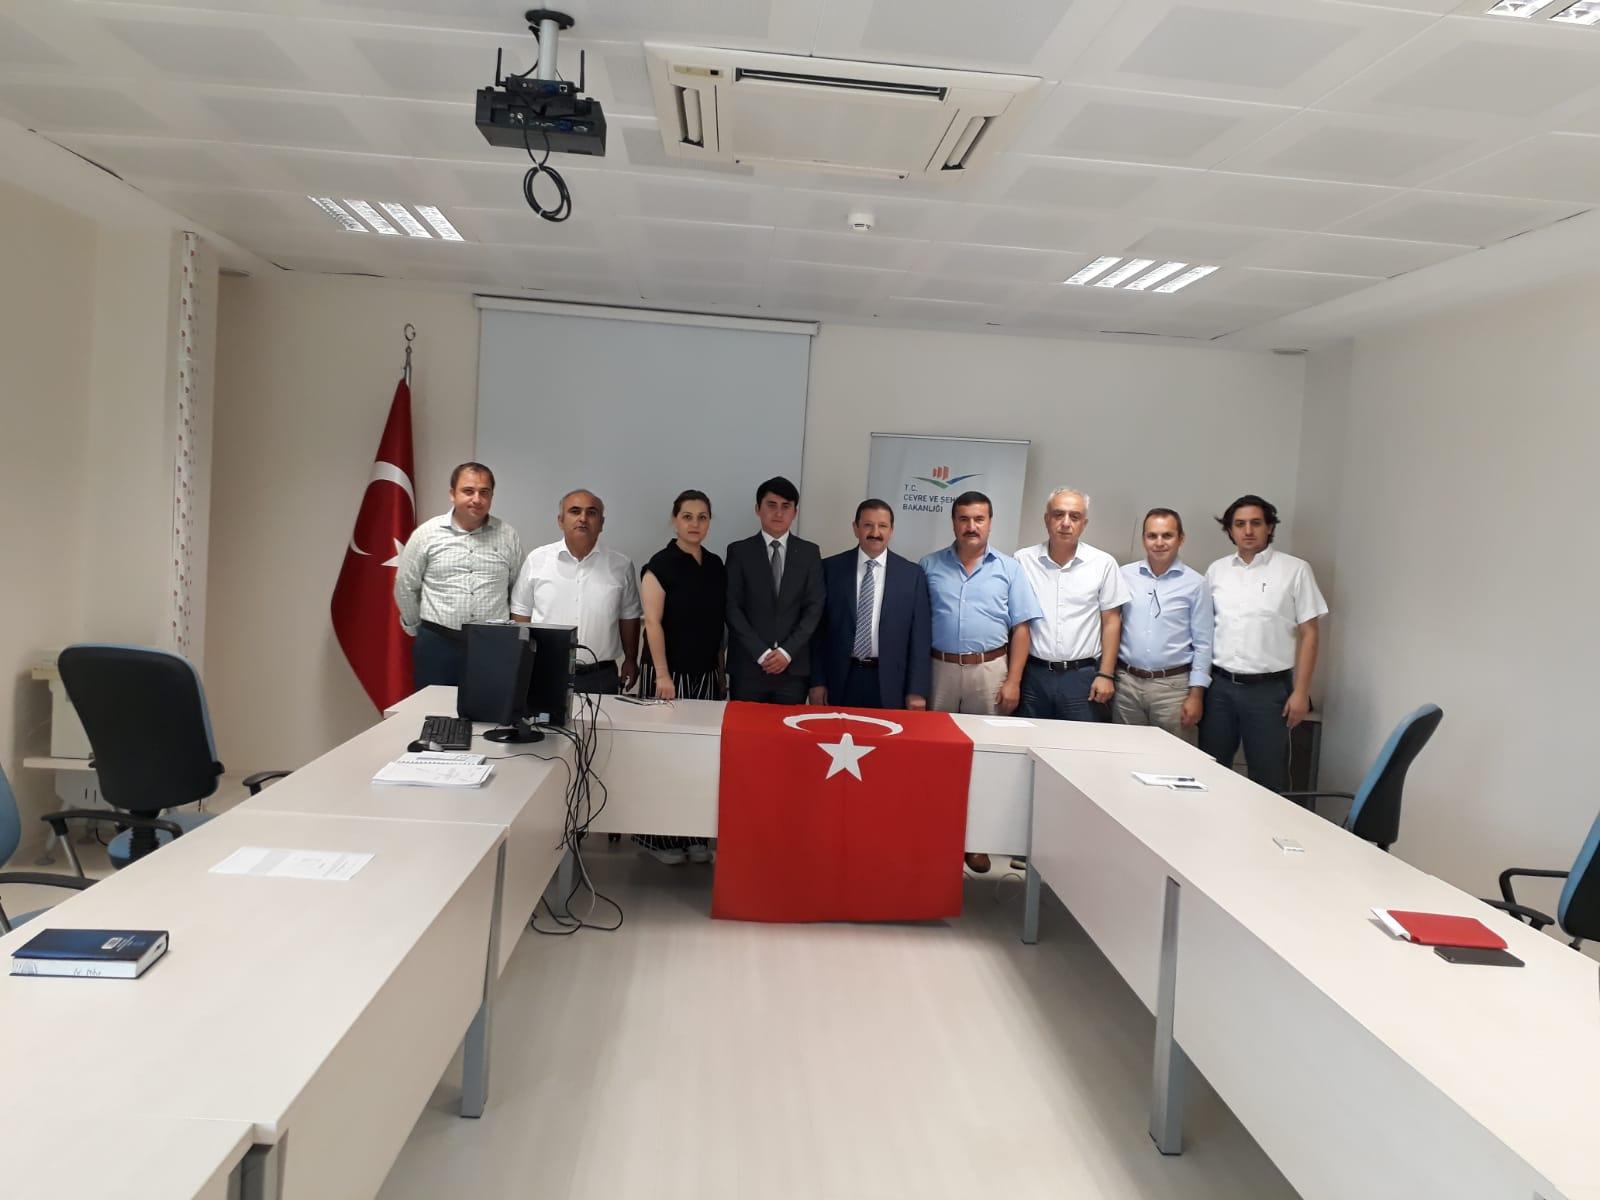 Müdürlüğümüz Personeli Aday Memur Sefacan PINARBAŞI'nın Yemin Töreni